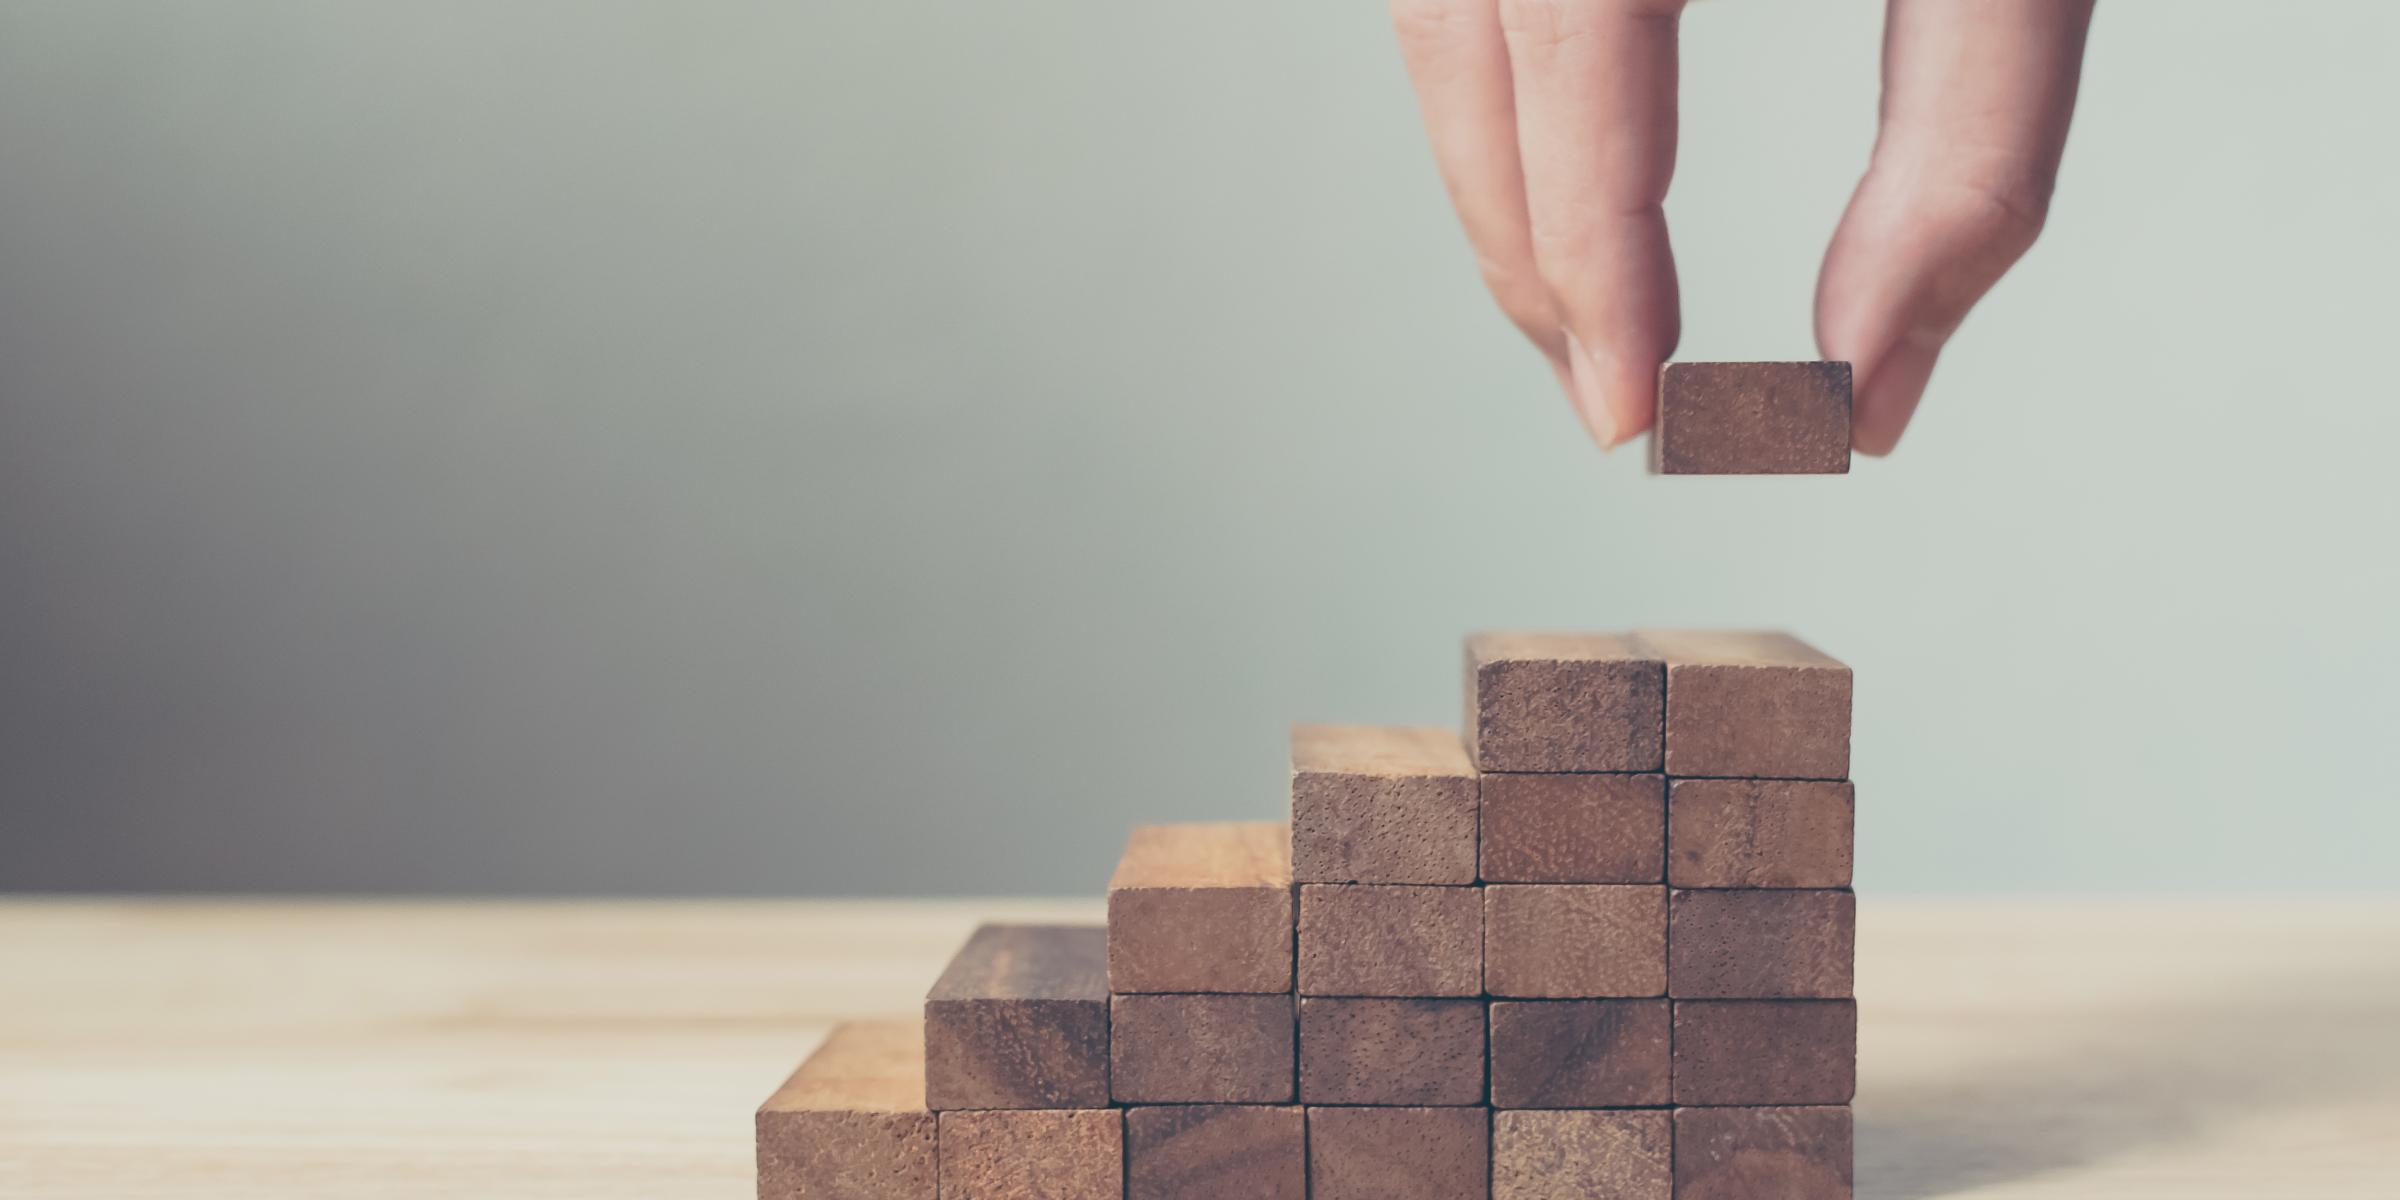 Stairs made of bricks